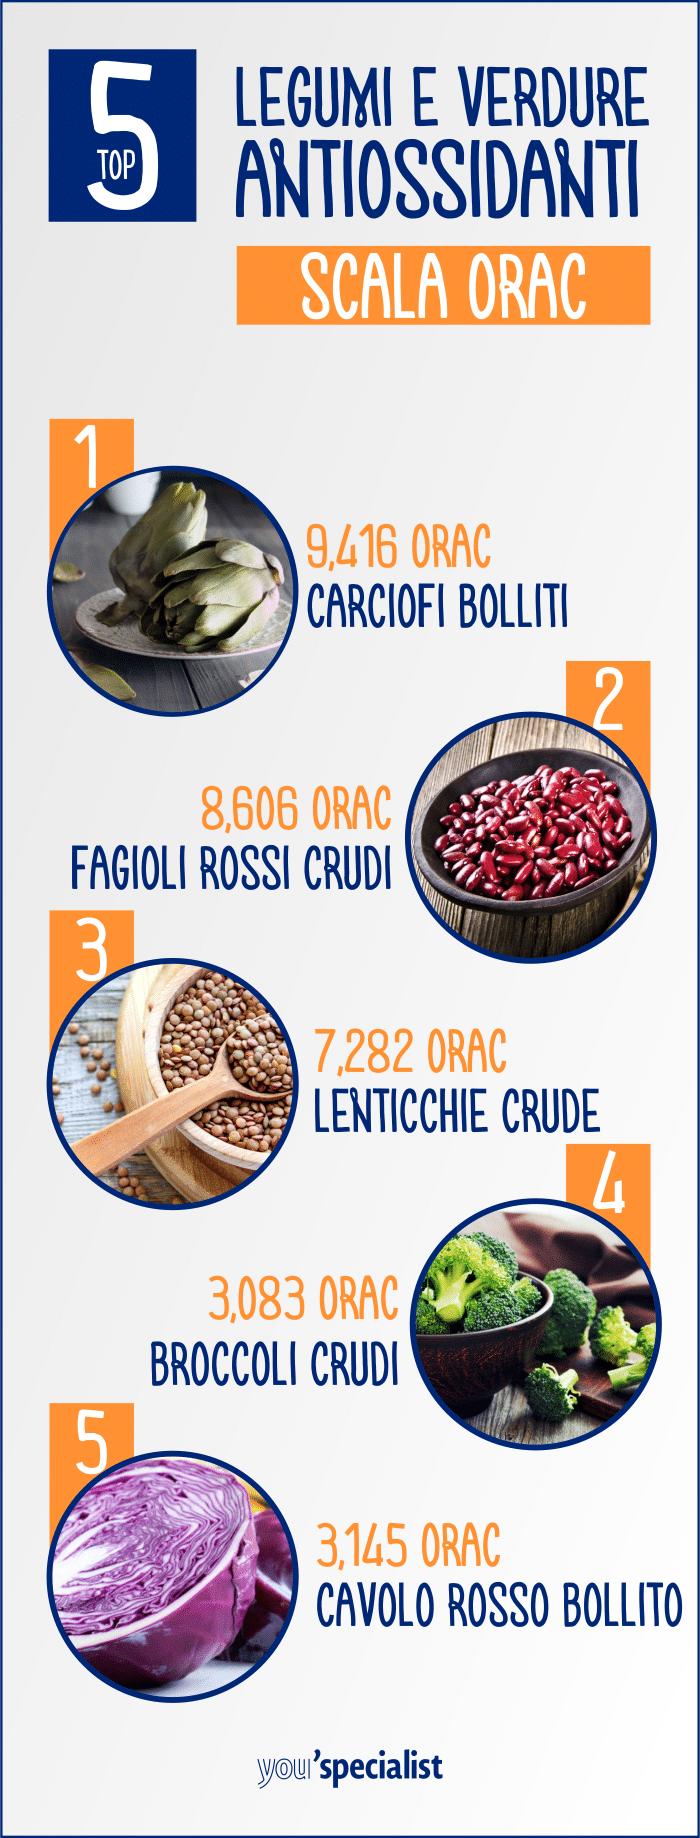 Le migliori verdure antiossidanti secondo la scala ORAC